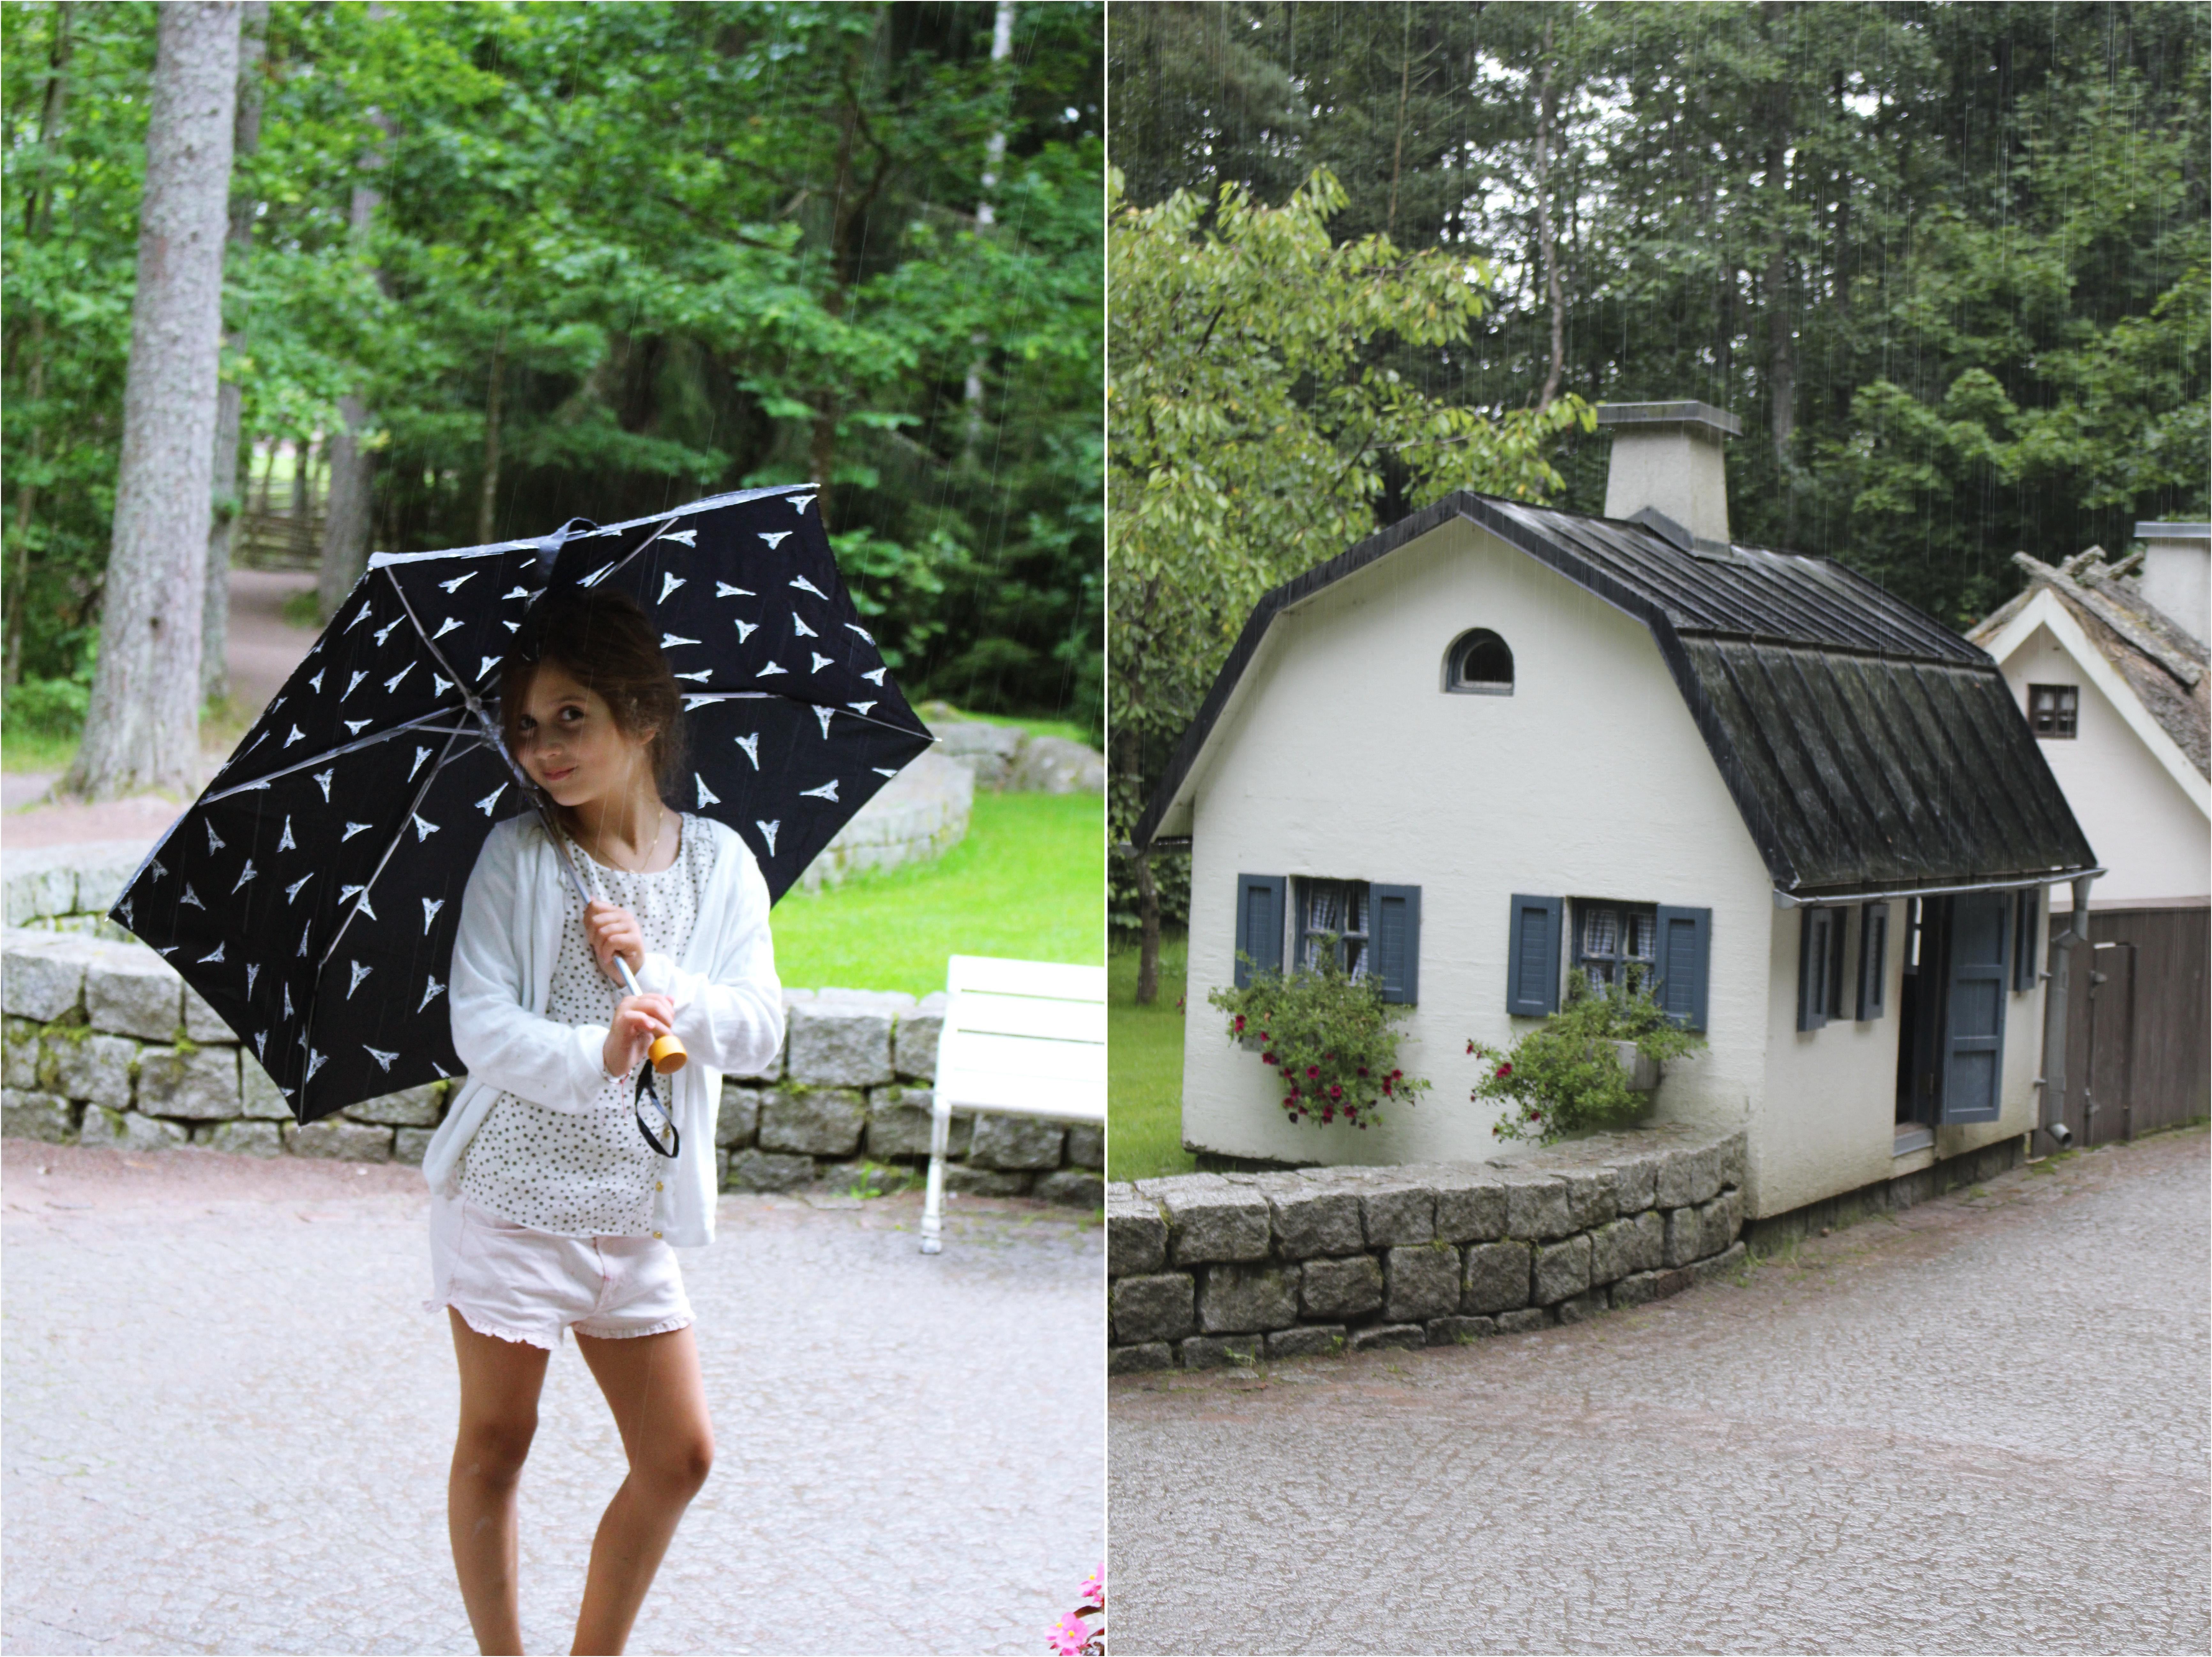 Redo för sommarregn! Julia K Metro Mode